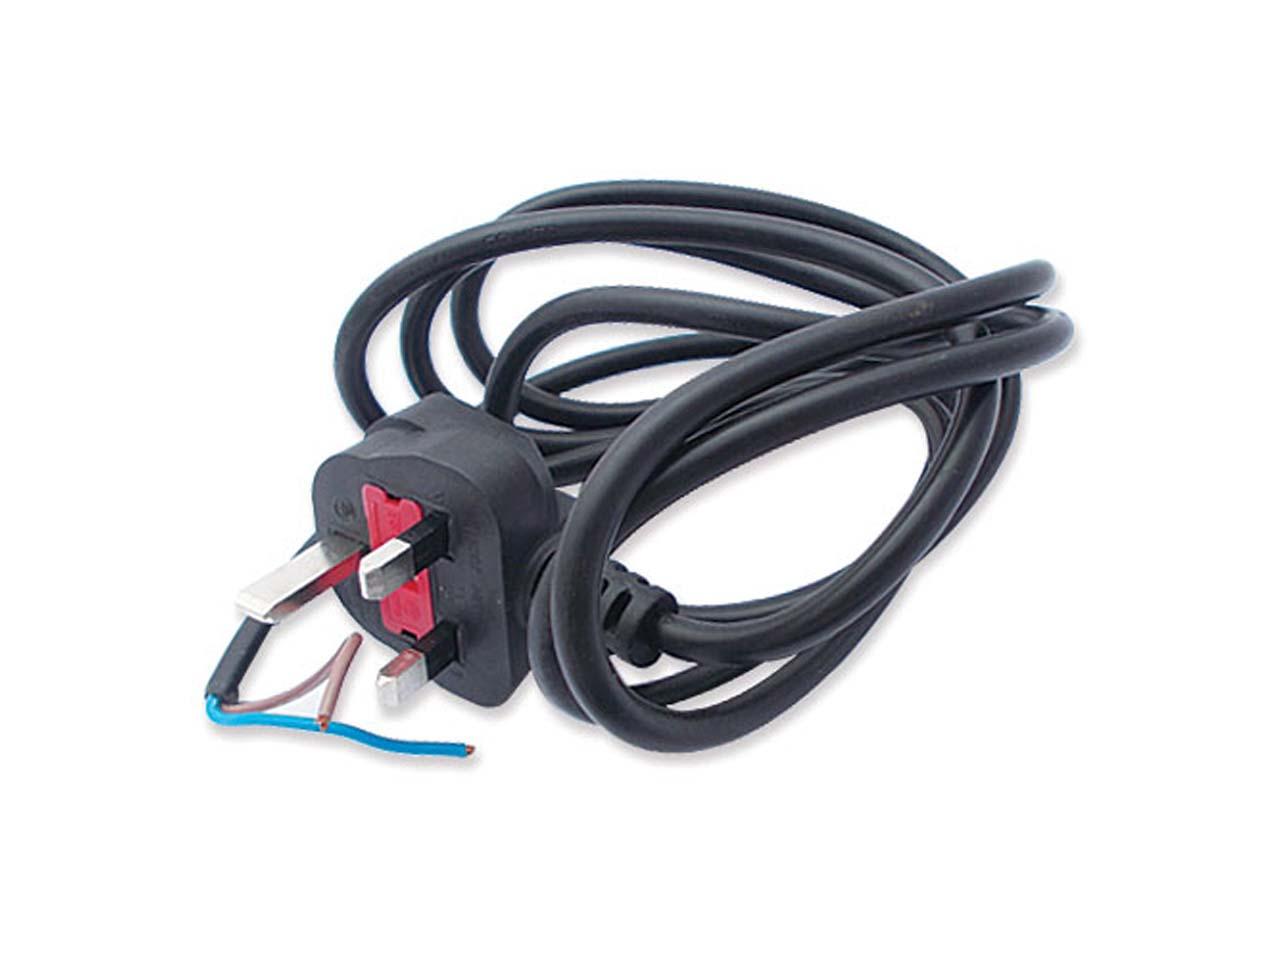 Trend WPT4L021 Zweiadriges kabel mit stecker 115V UK T4 | eBay